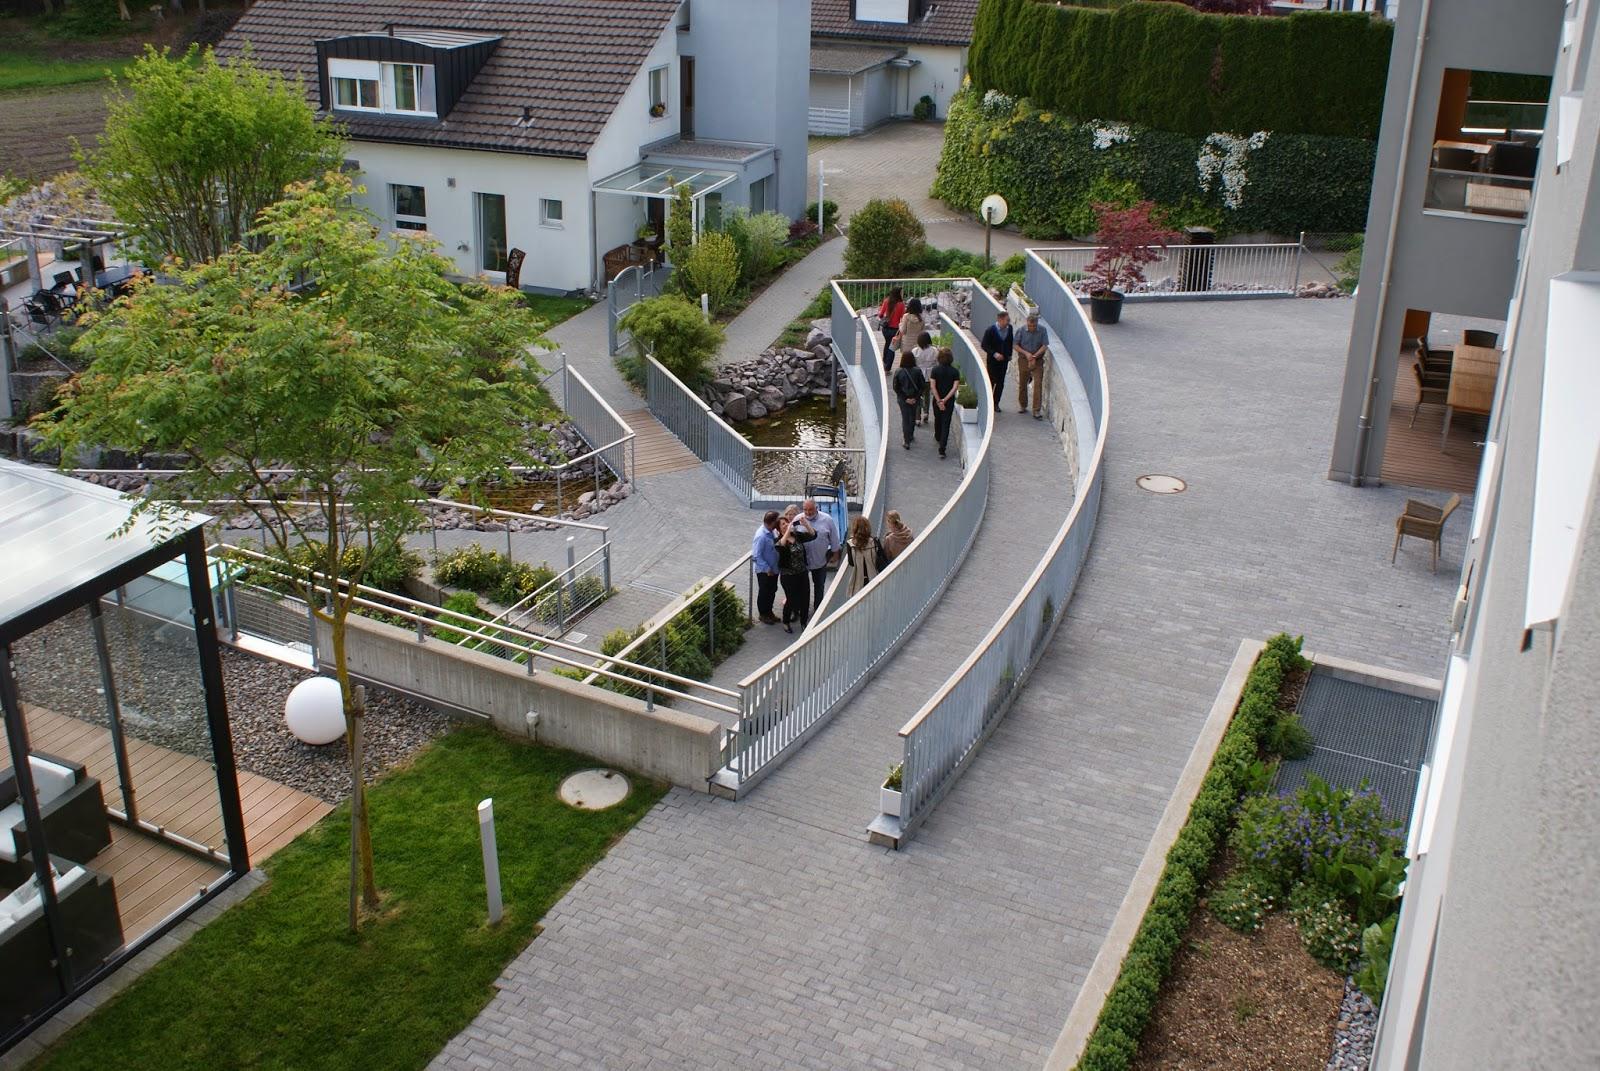 Residencia de 3a edad Sonweid en Zurich